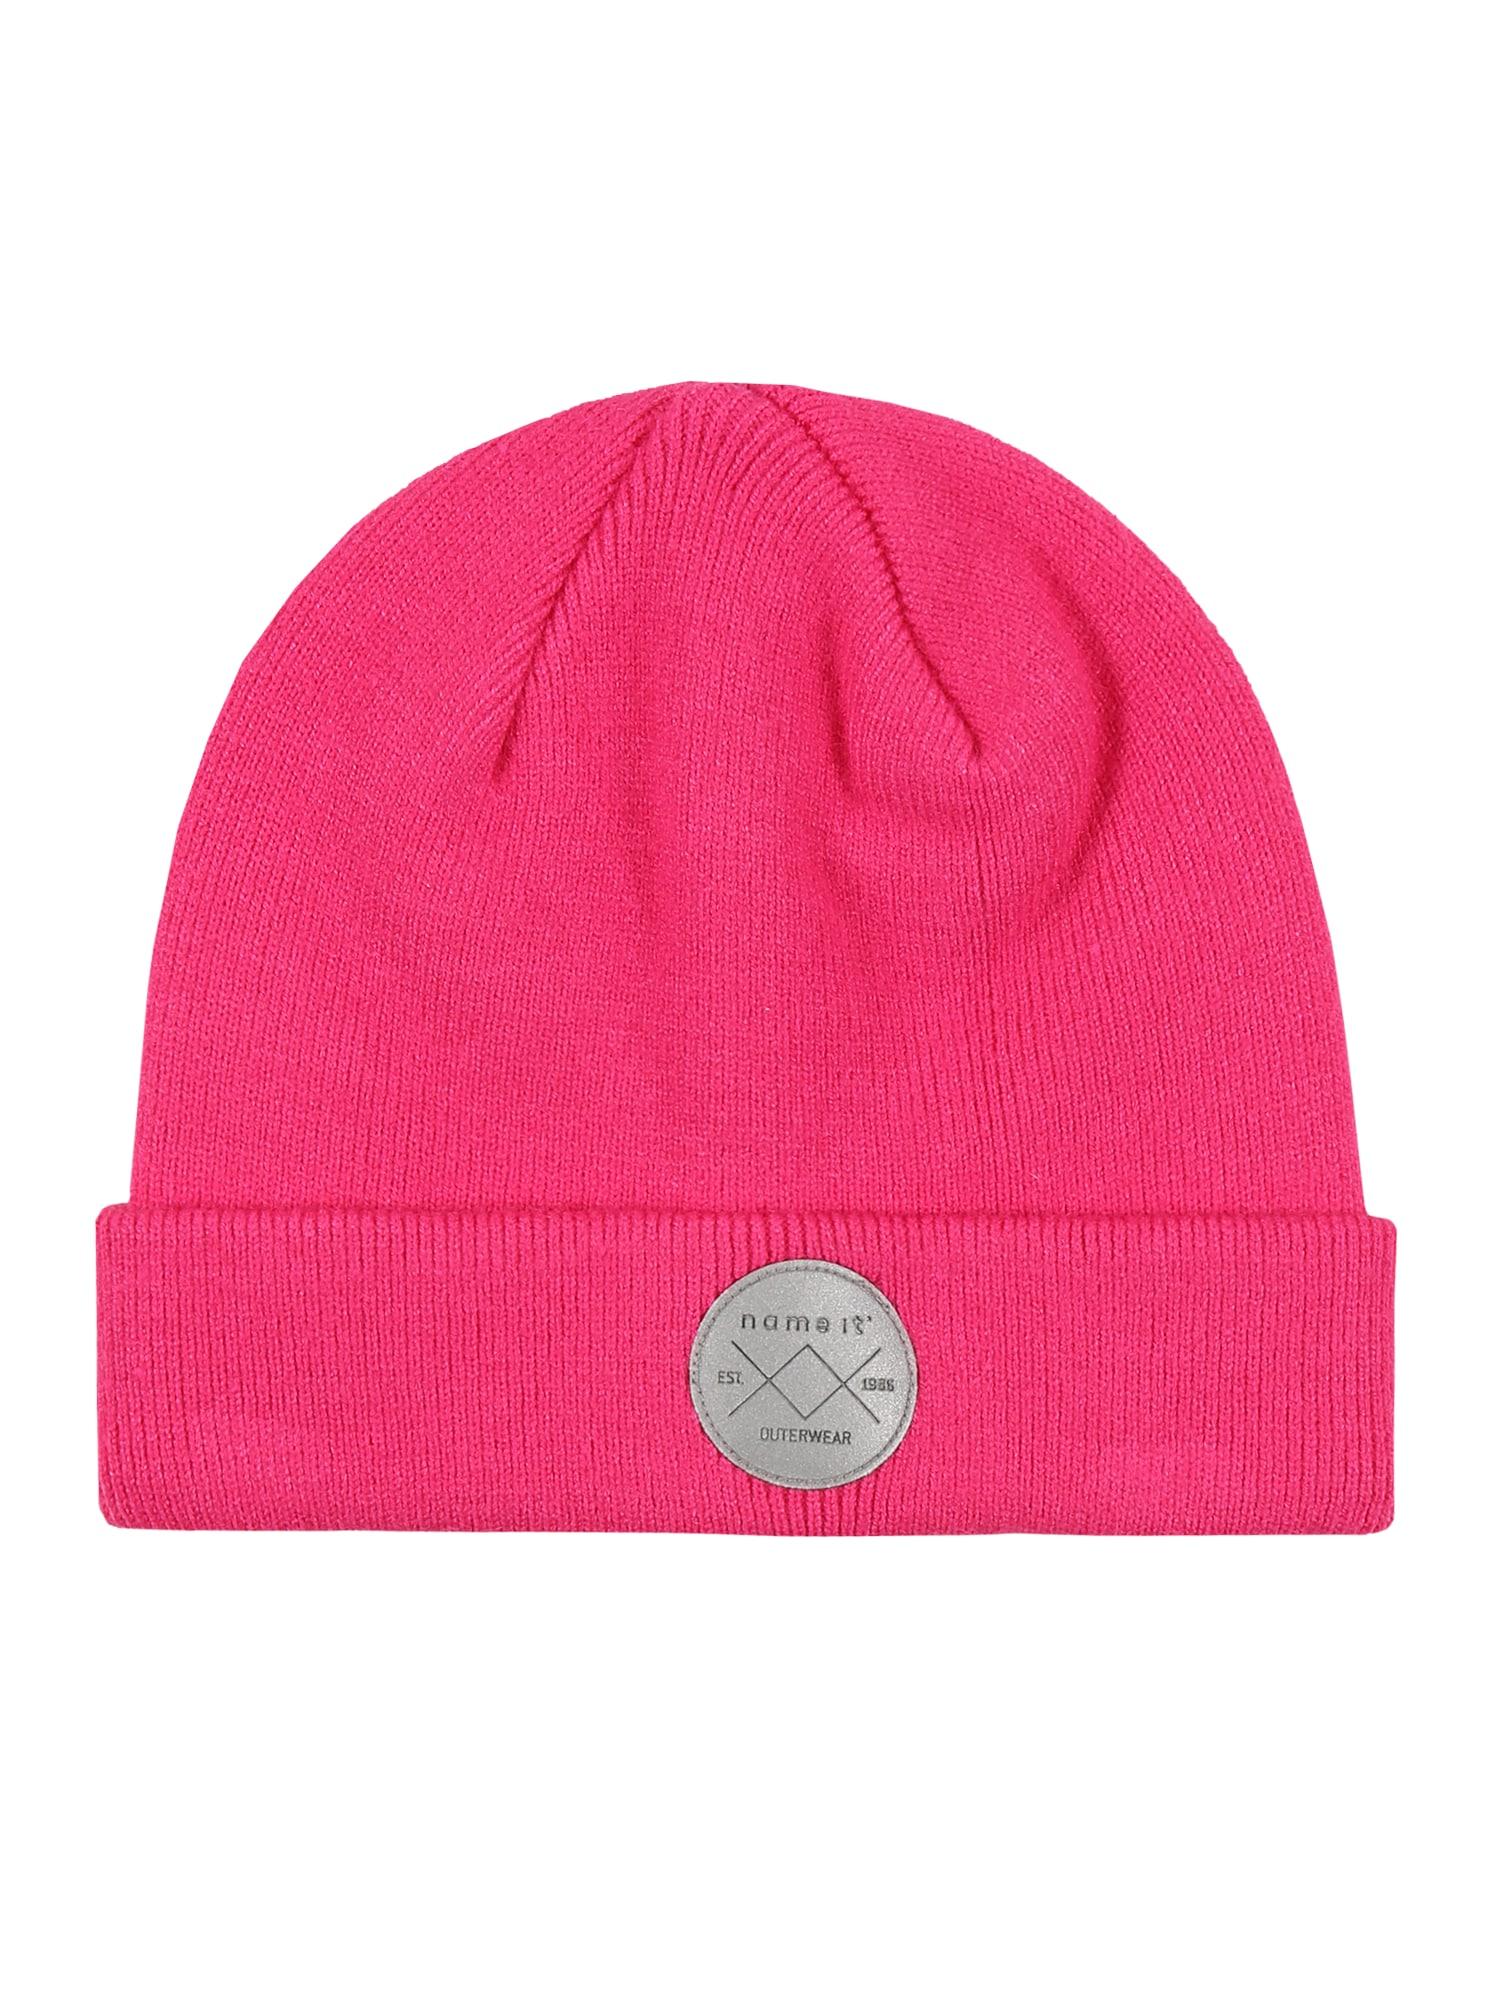 NAME IT Megzta kepurė neoninė rožinė